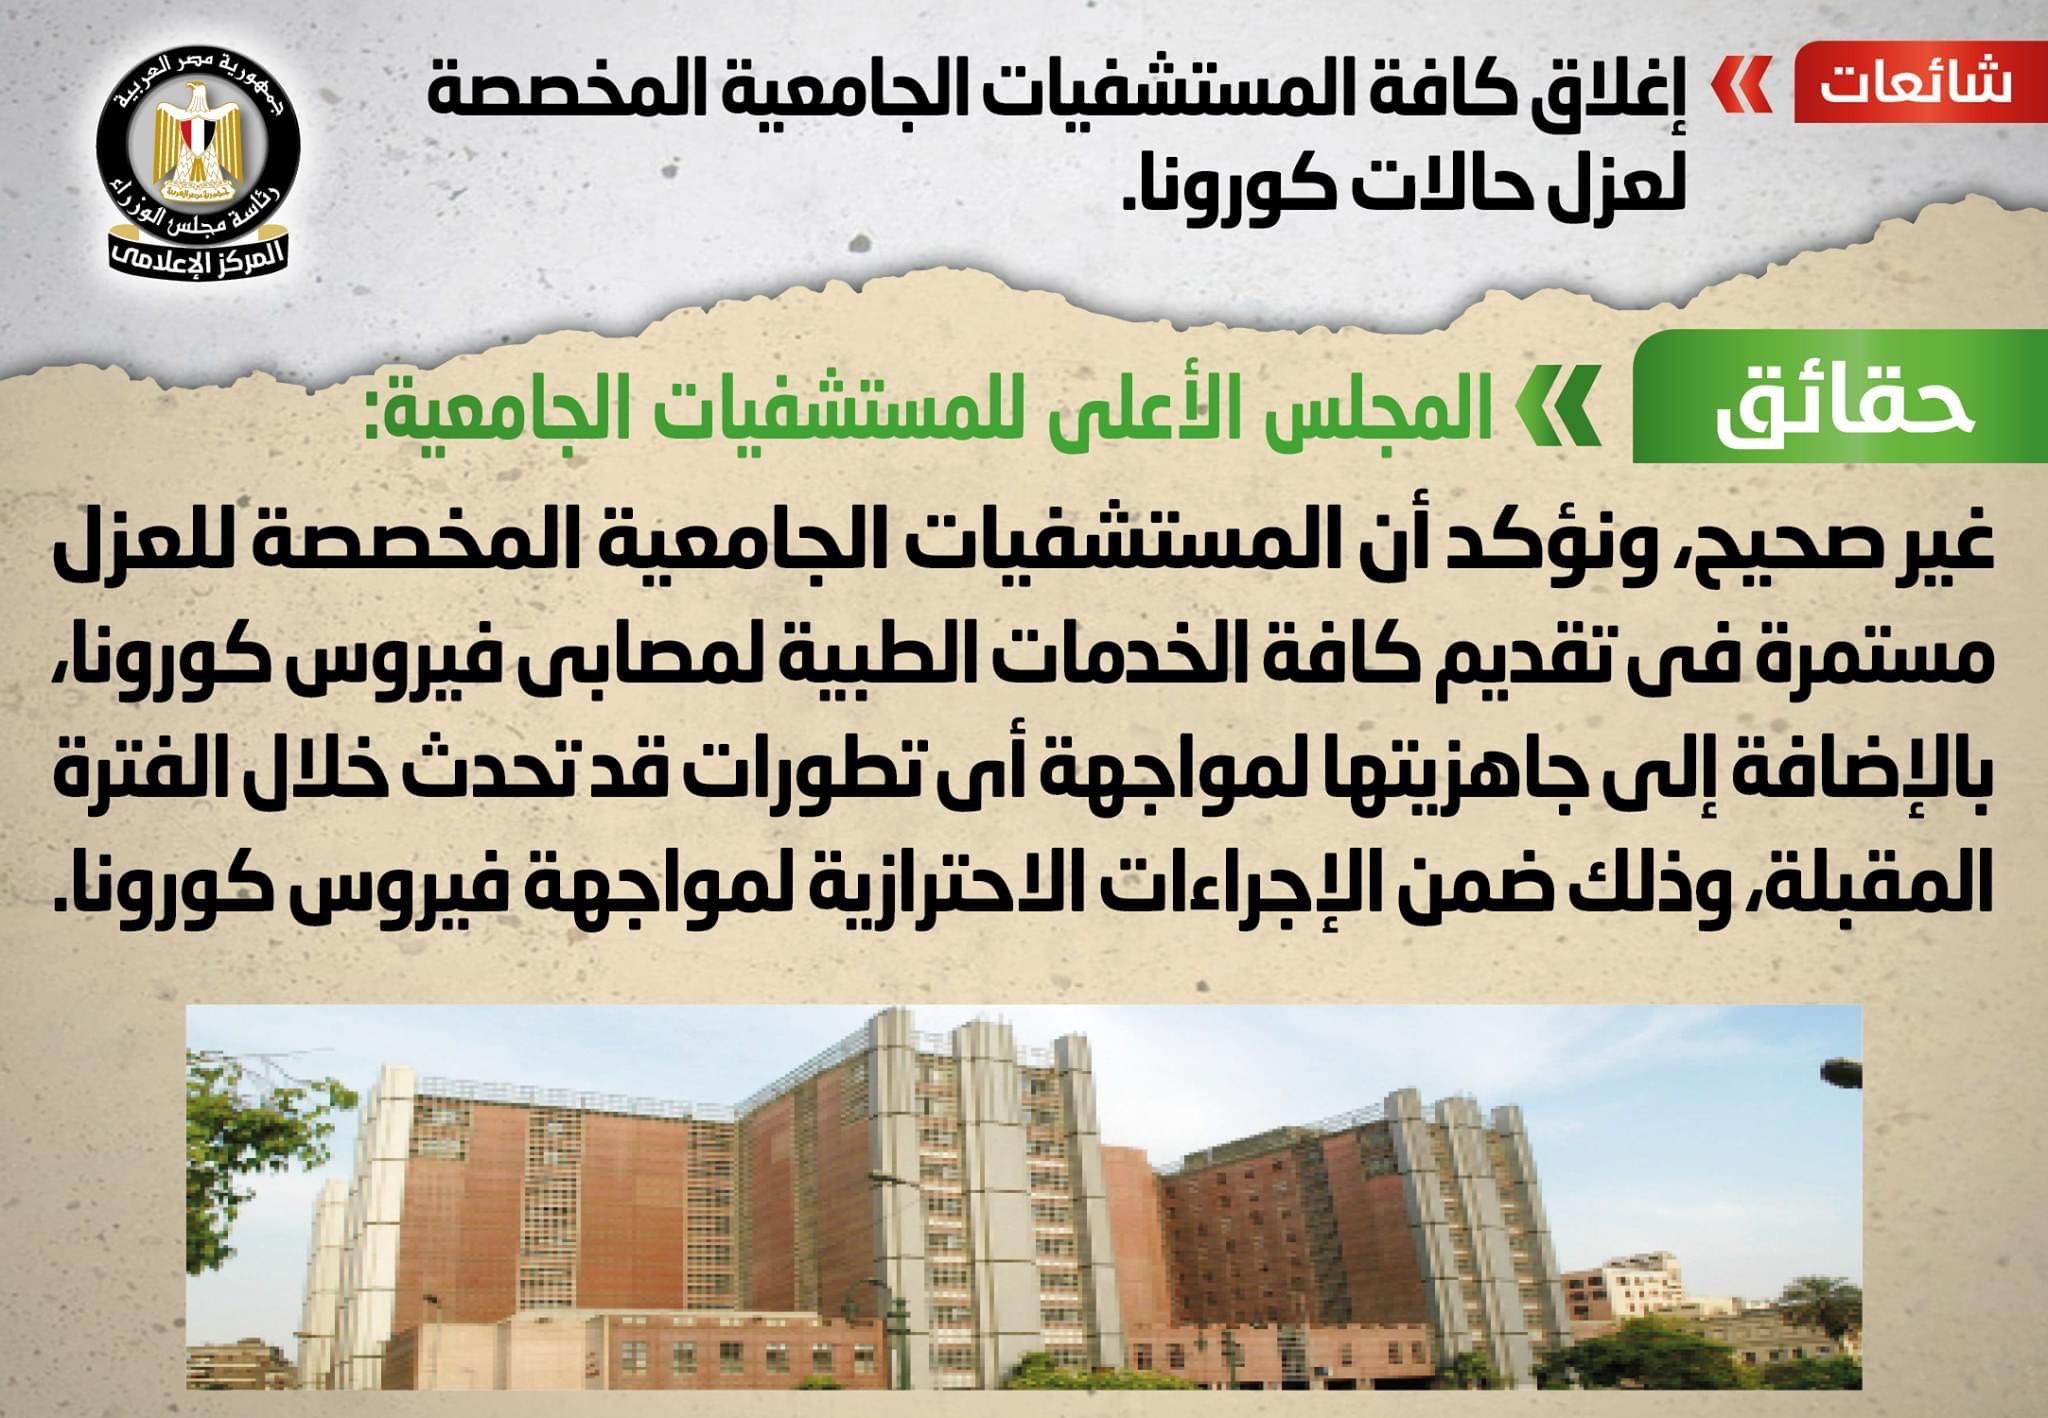 الوزراء لا صحة لغلق المستشفيات الجامعية المخصصة لعزل حالات كورونا